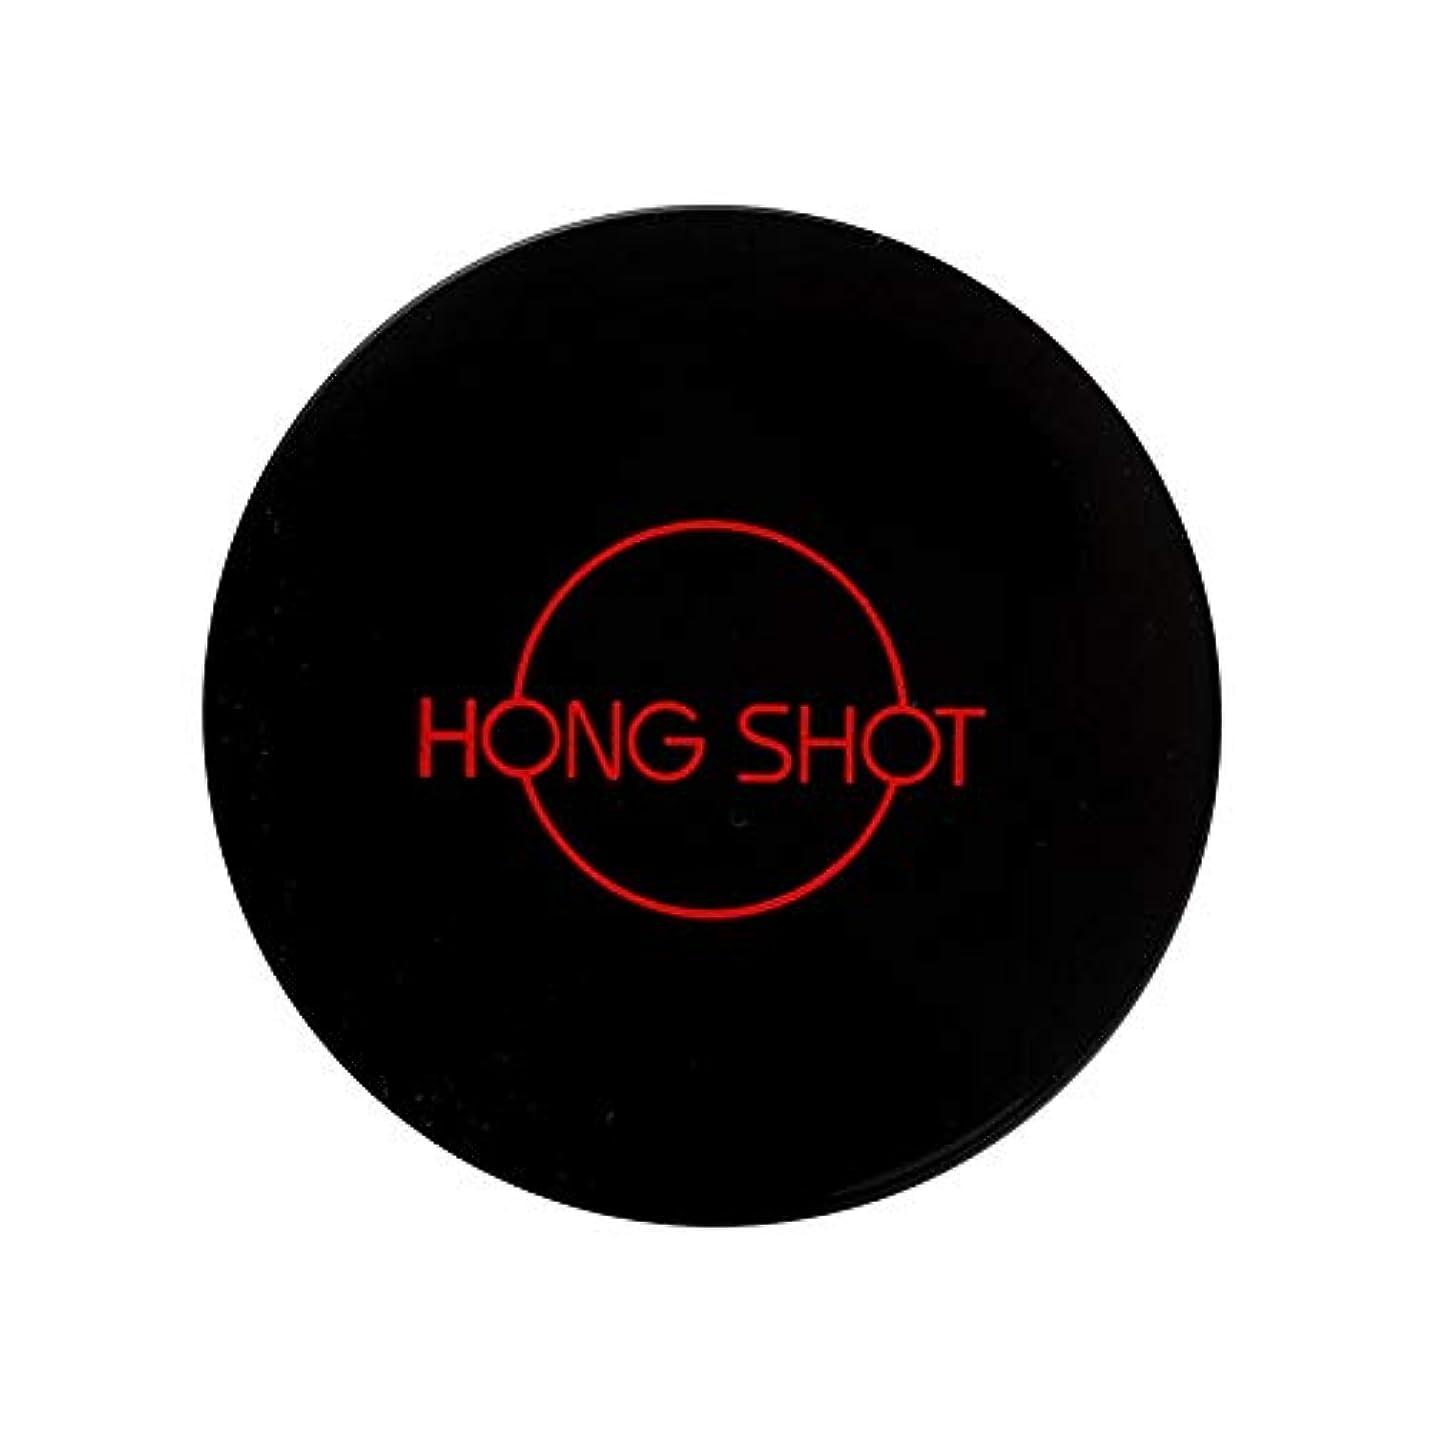 告発政治責め[HONG SHOT] ホンシャトパワーラスティングコンシルファクト 16g / HONGSHOT POWER LASTING CONCEAL PACT 16g / Hongjinyoung PACT [並行輸入品] (...